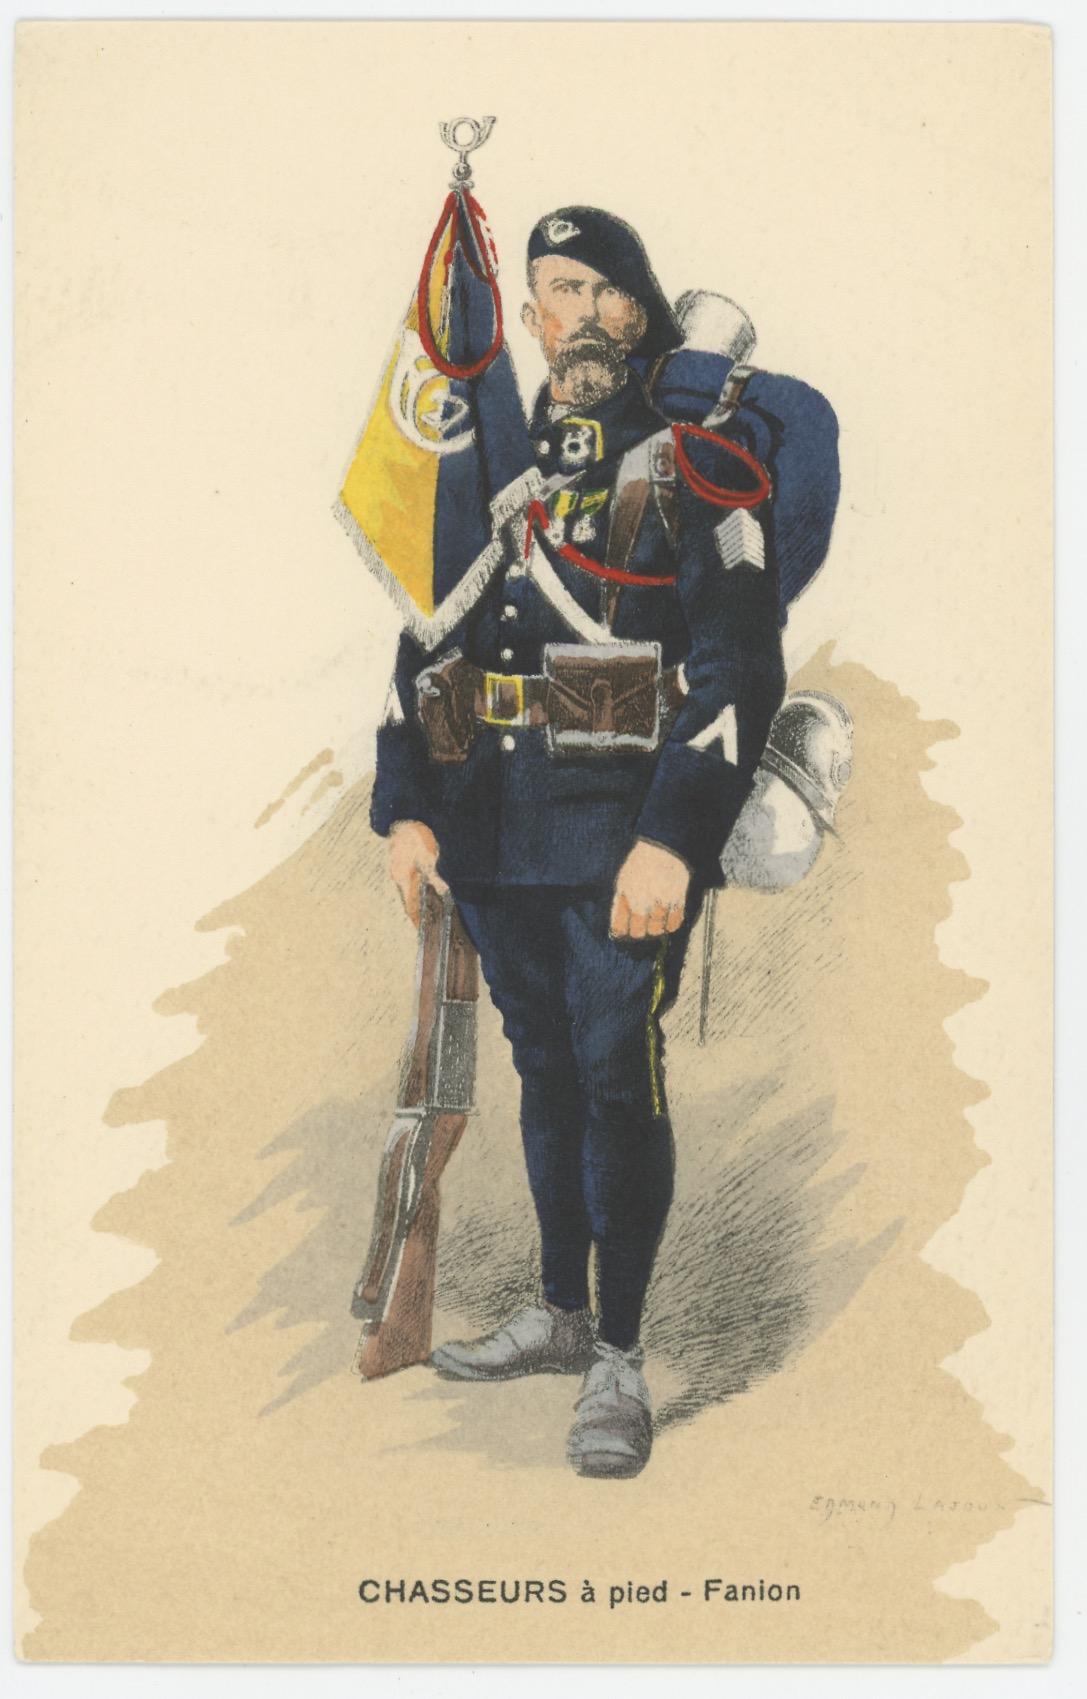 Carte Postale Illustrée - Edmond Lajoux - Edition Militaire Illustrées - Chasseur à Pied Fanion - 1930